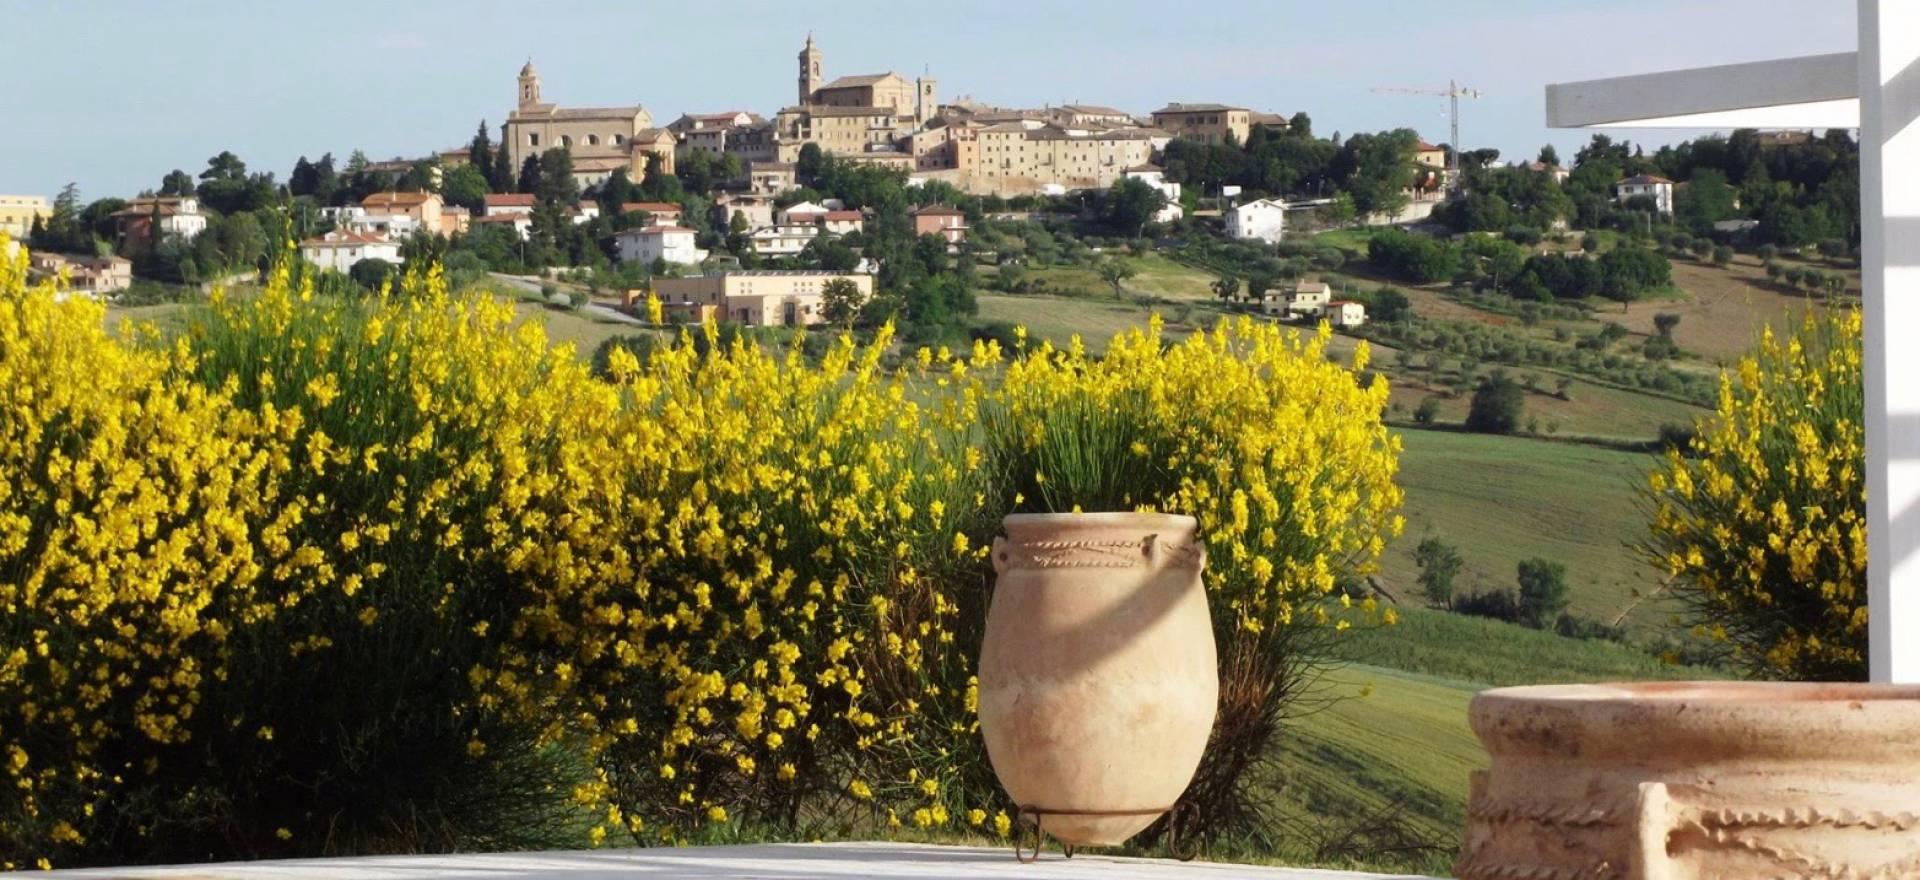 Agriturismo Le Marche Agriturismo le Marche, mooie kamers en gastvrij